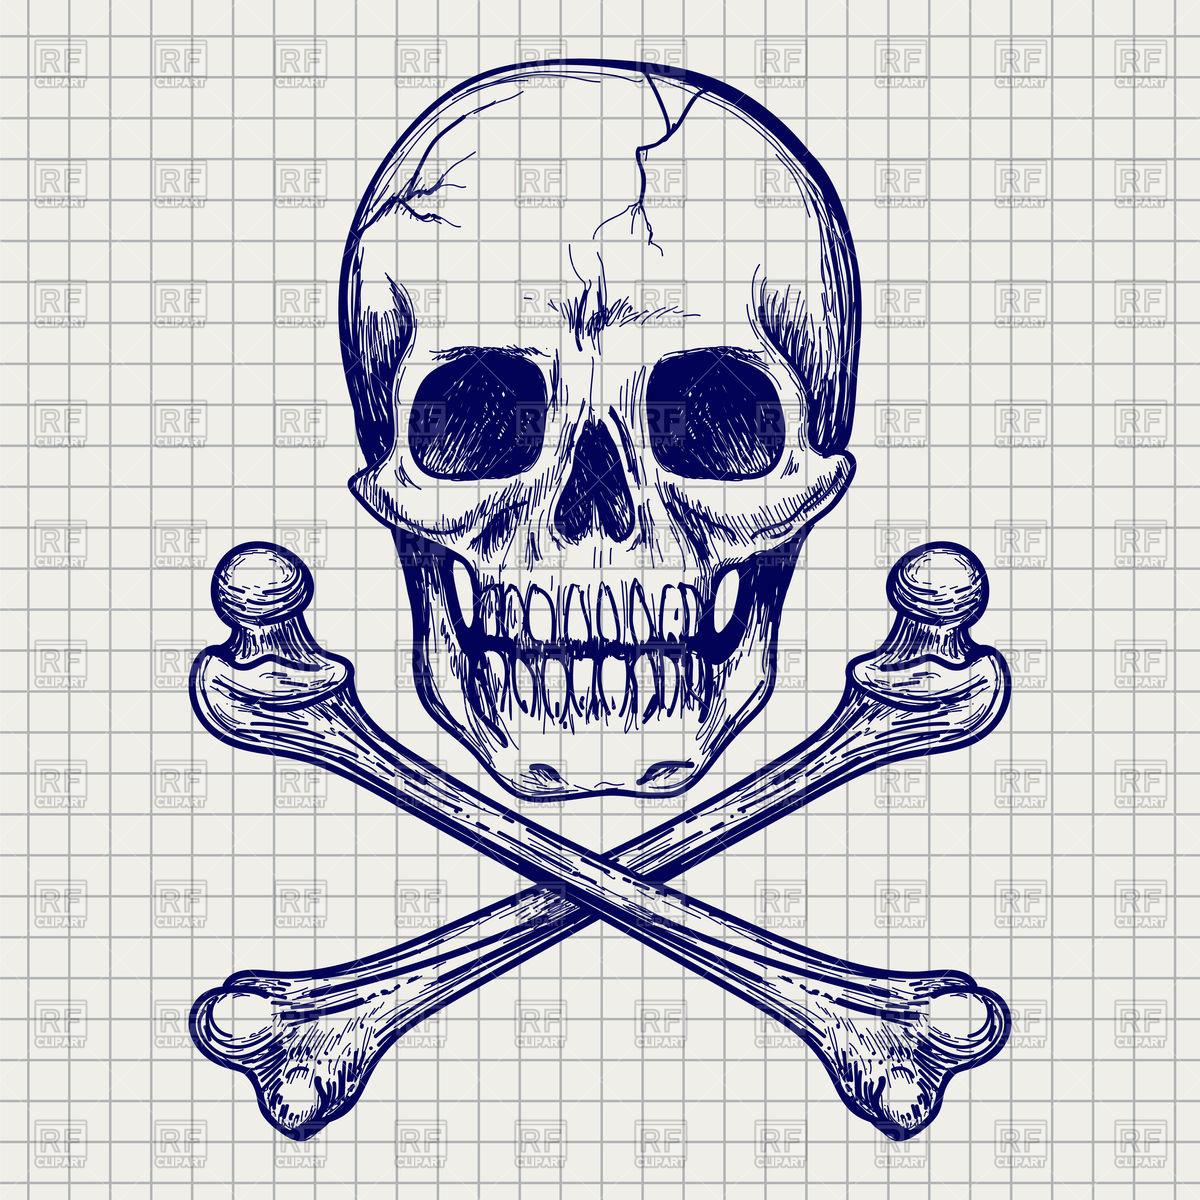 1200x1200 Ball Pen Sketch Of Skull And Cross Of Bones Vector Image Vector